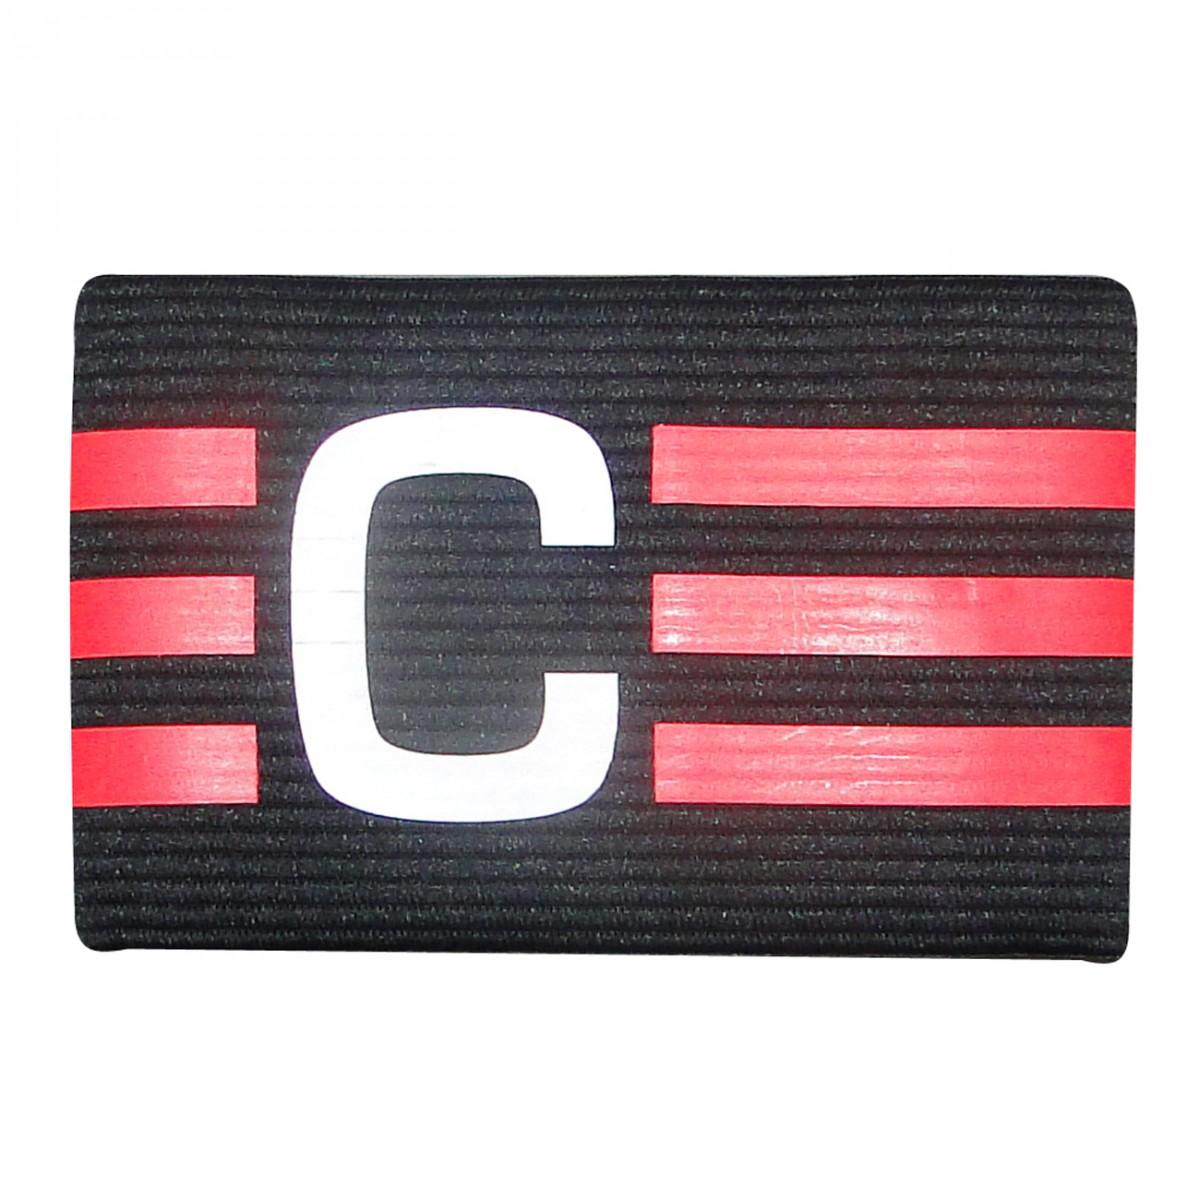 eb29795d29387 Faixa Capitão Adidas Armband Z18325 - Preto/Coral - Chuteira Nike, Adidas.  Sandalias Femininas. Sandy Calçados